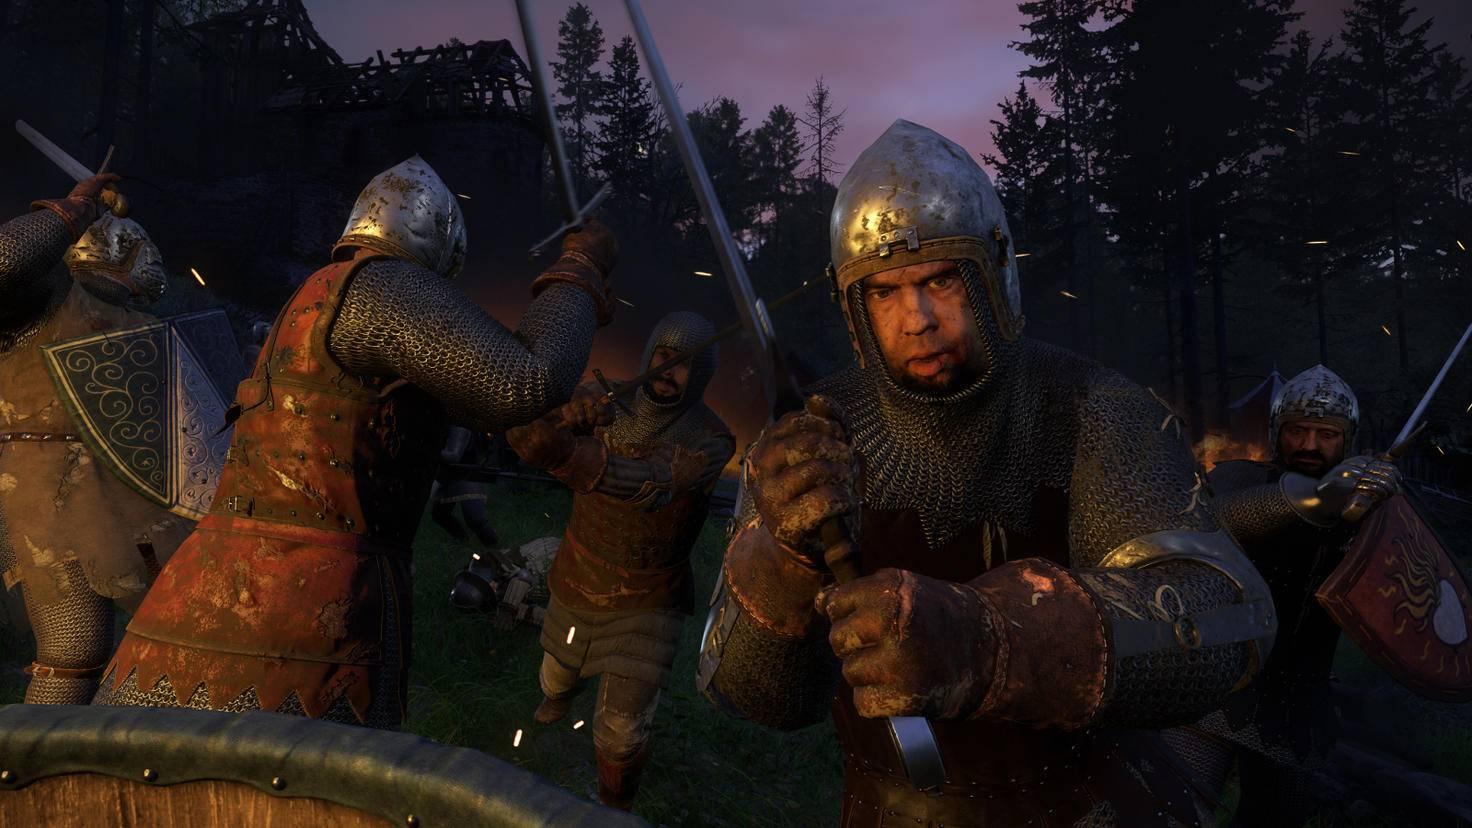 Dieser Gegner mit Eisenhelm ist am Kopf kaum verwundbar. Allerdings ist sein Gesicht ungeschützt ...